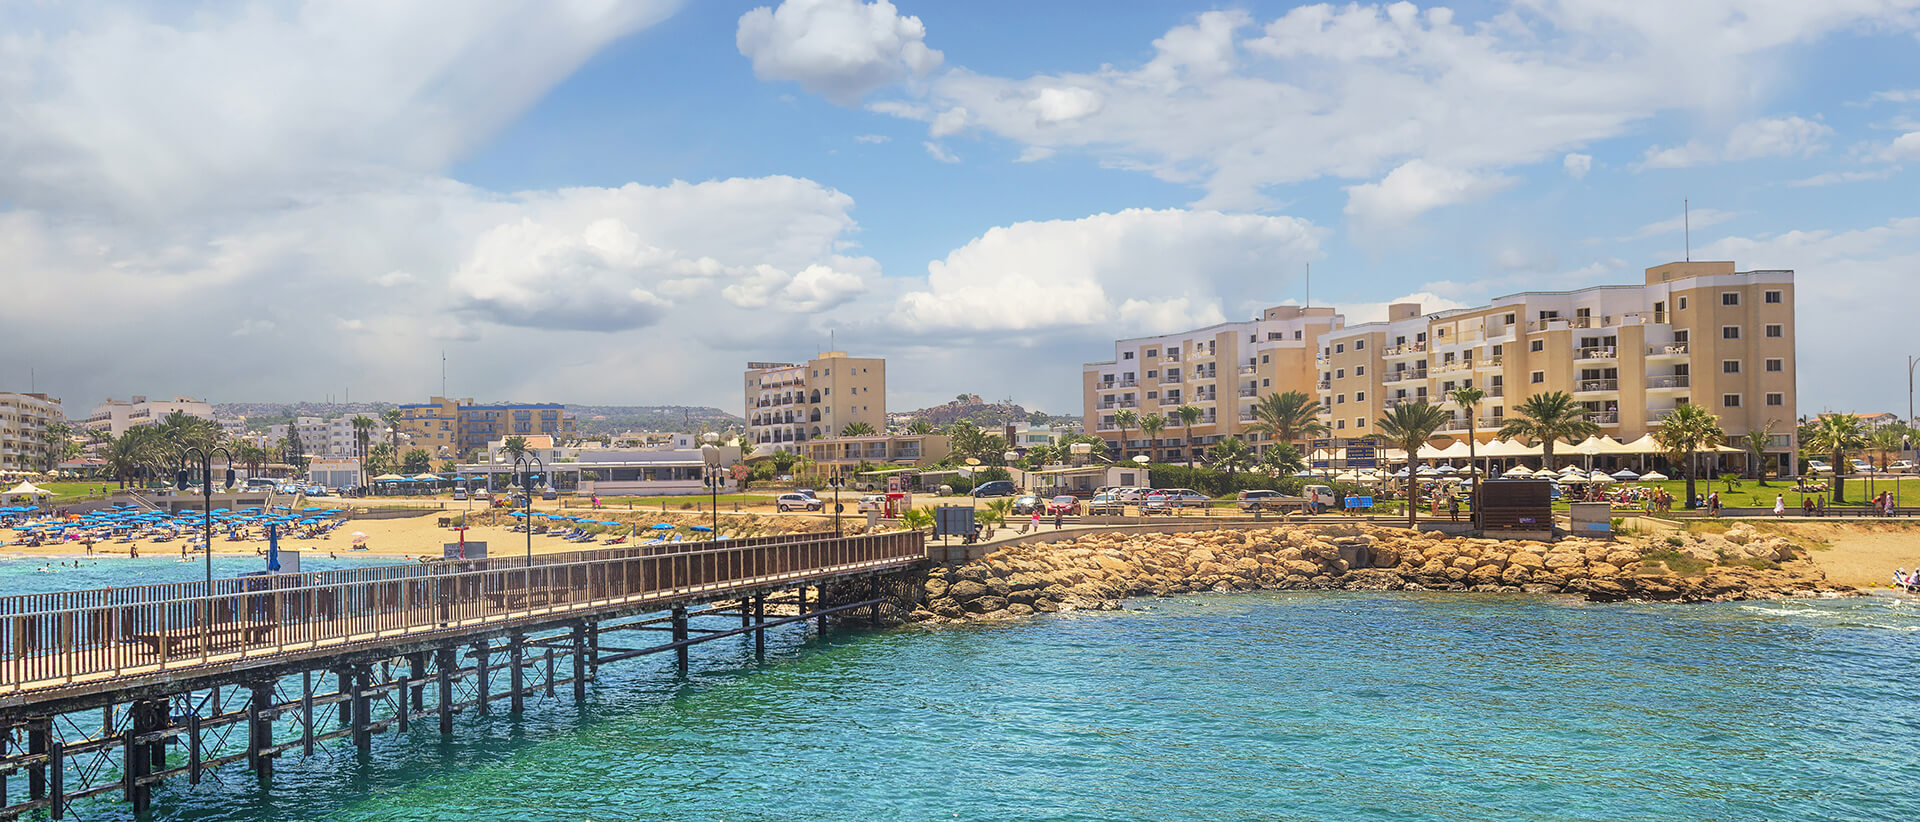 Protaras, Kypros